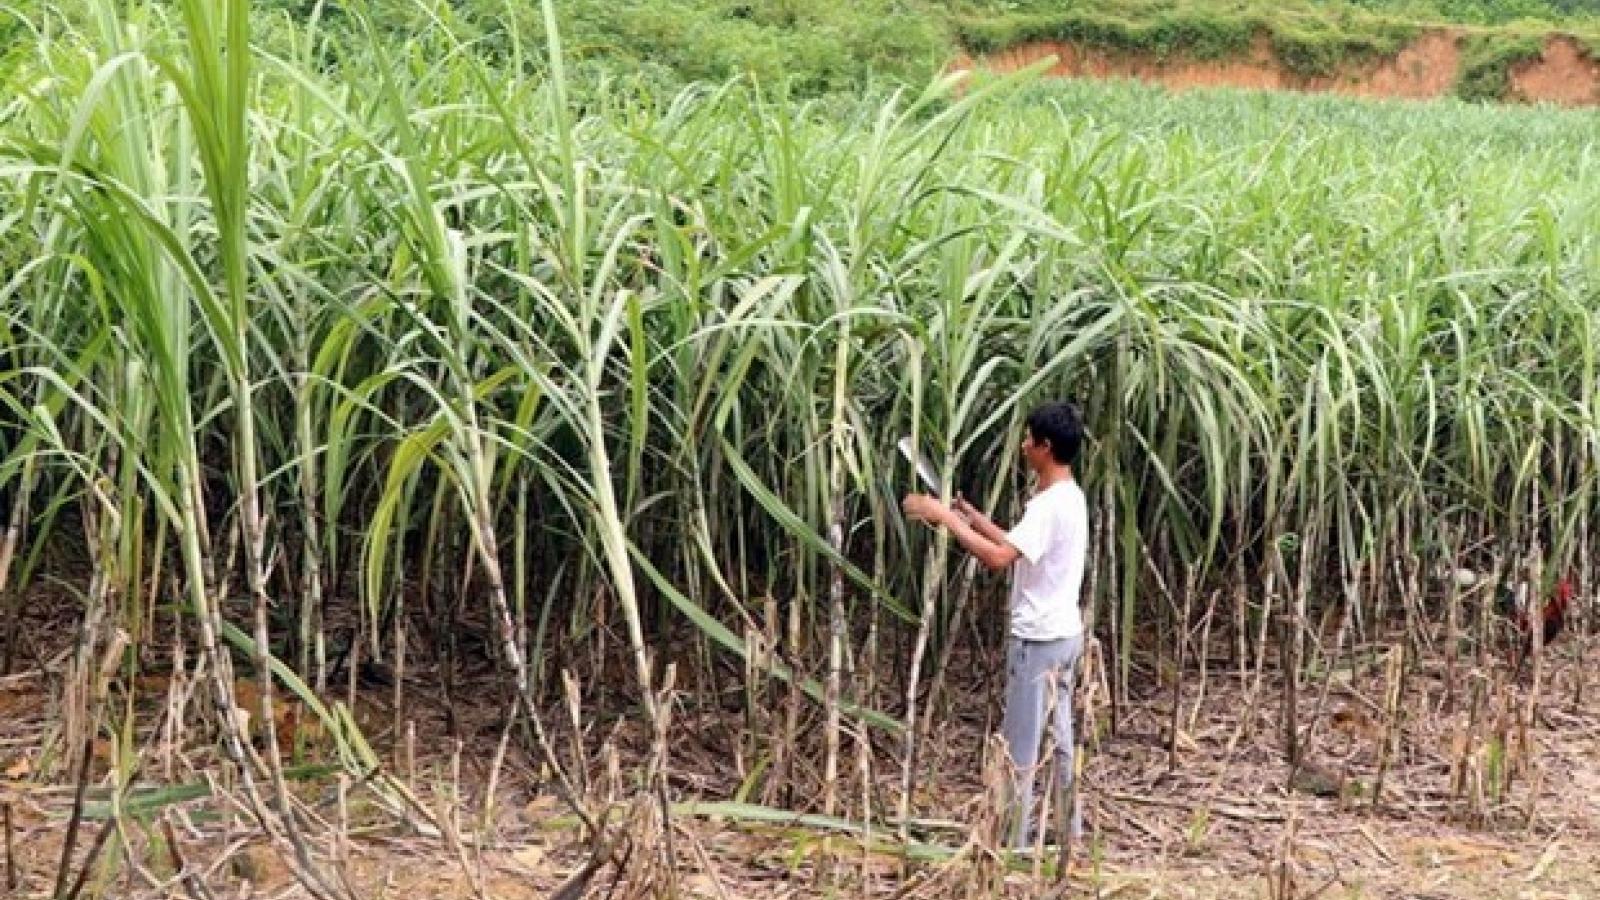 Vietnam remains Laos's largest sugar importer